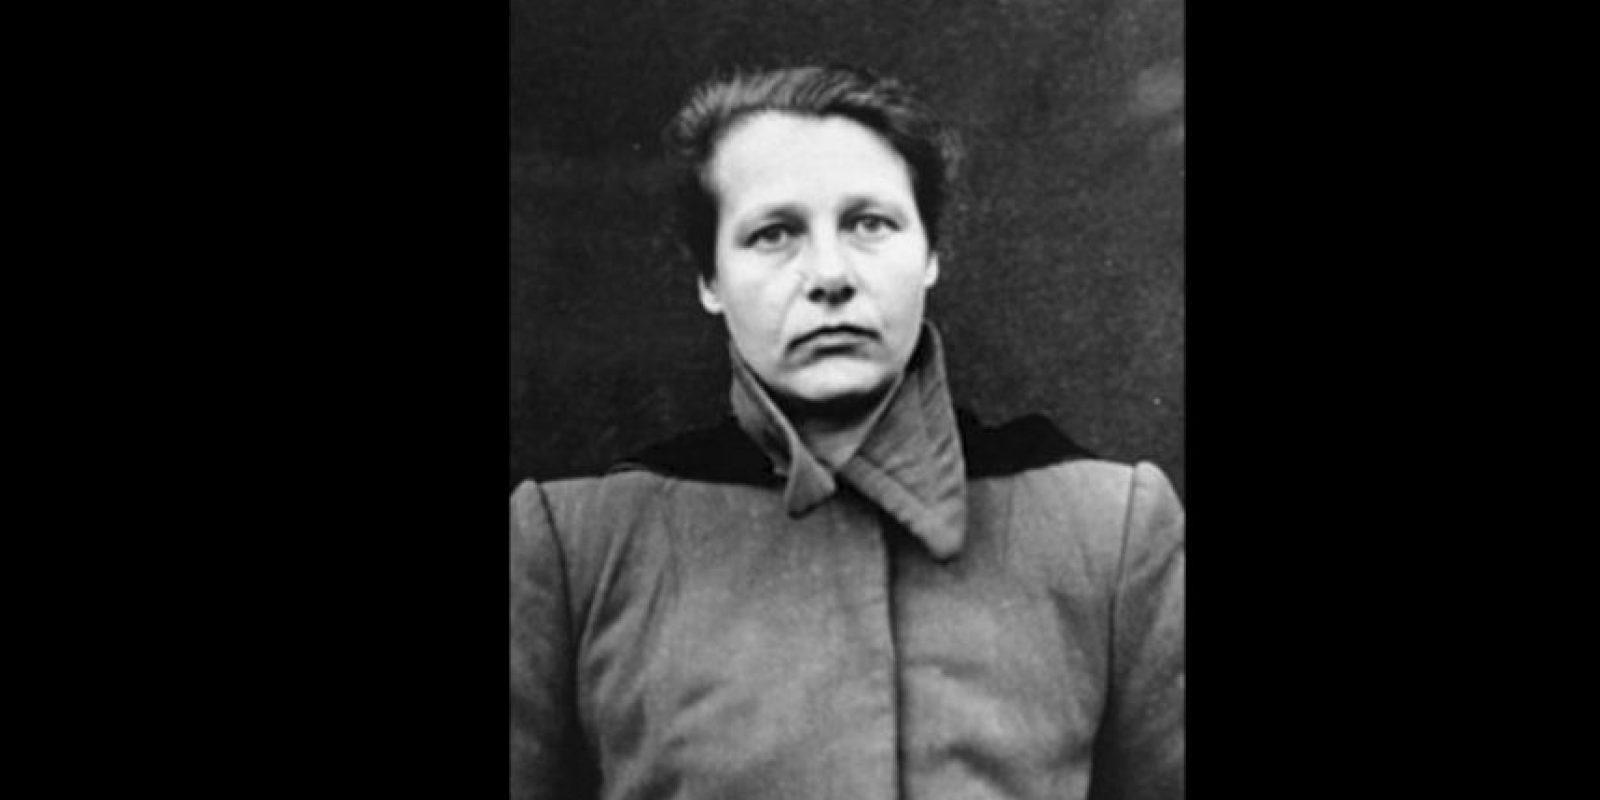 Herta Oberheuser fue una de las enfermeras nazis que experimentó con niños y mujeres. Foto:Wikipedia. Imagen Por: